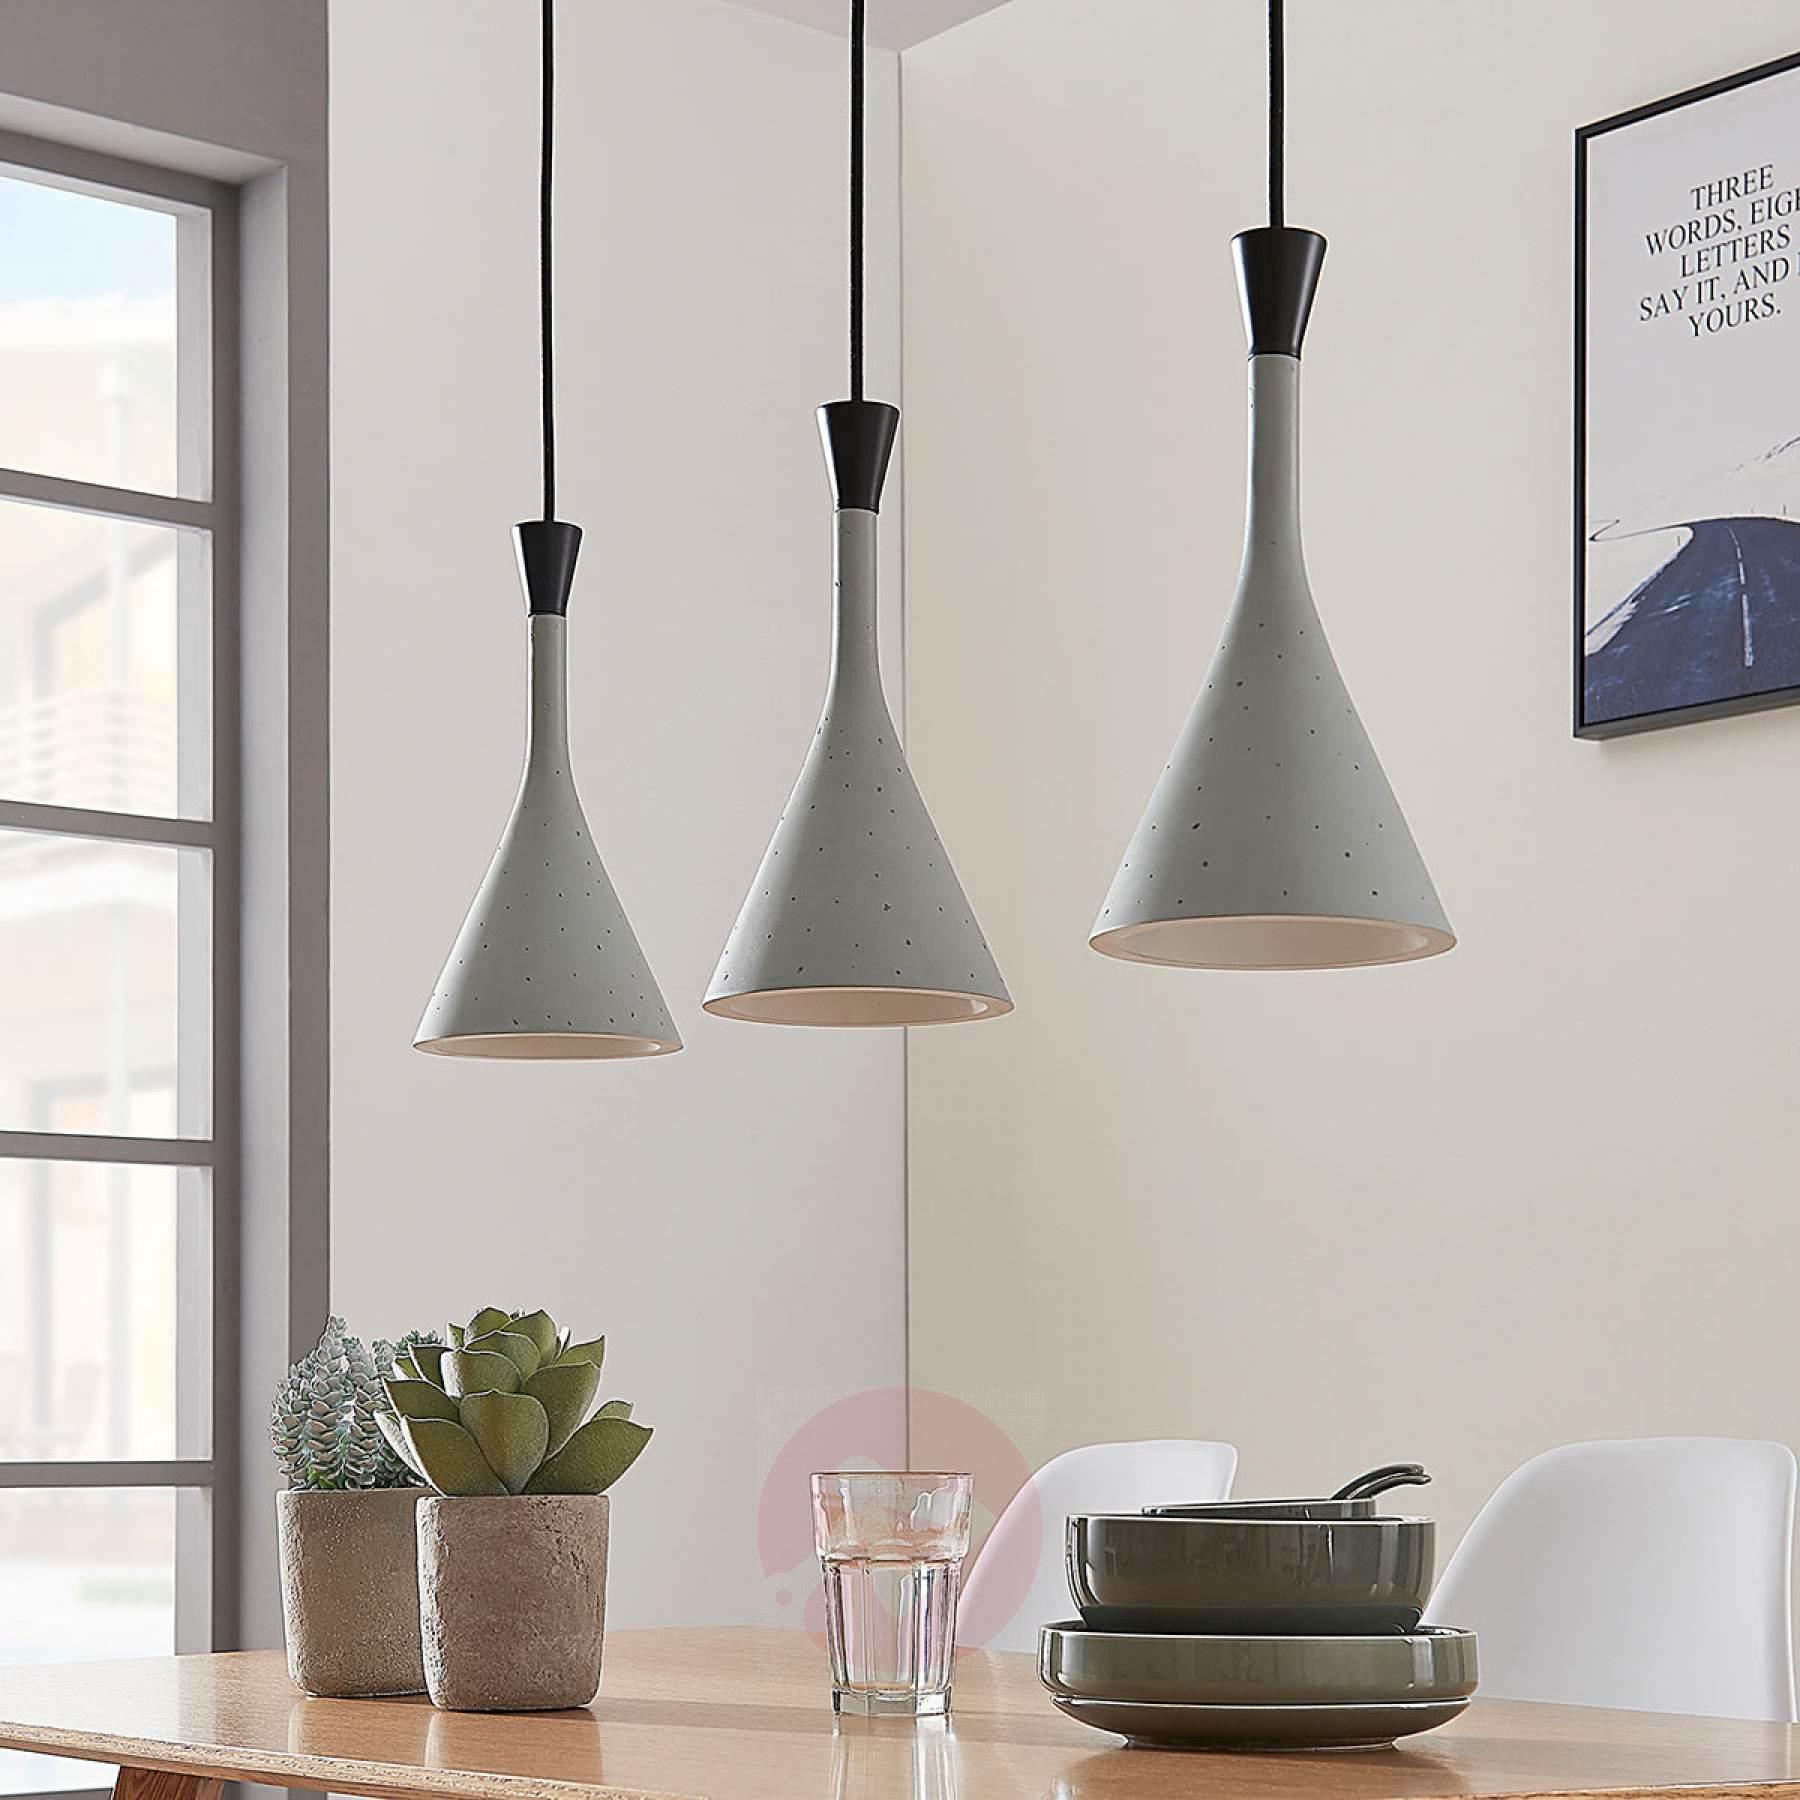 Full Size of Lampe über Kochinsel Hngelampe Flynn Frs Esszimmer Wohnzimmer Deckenlampen überzug Sofa Lampen Esstisch L Küche Mit Bad Led Stehlampe Deckenlampe Badezimmer Wohnzimmer Lampe über Kochinsel